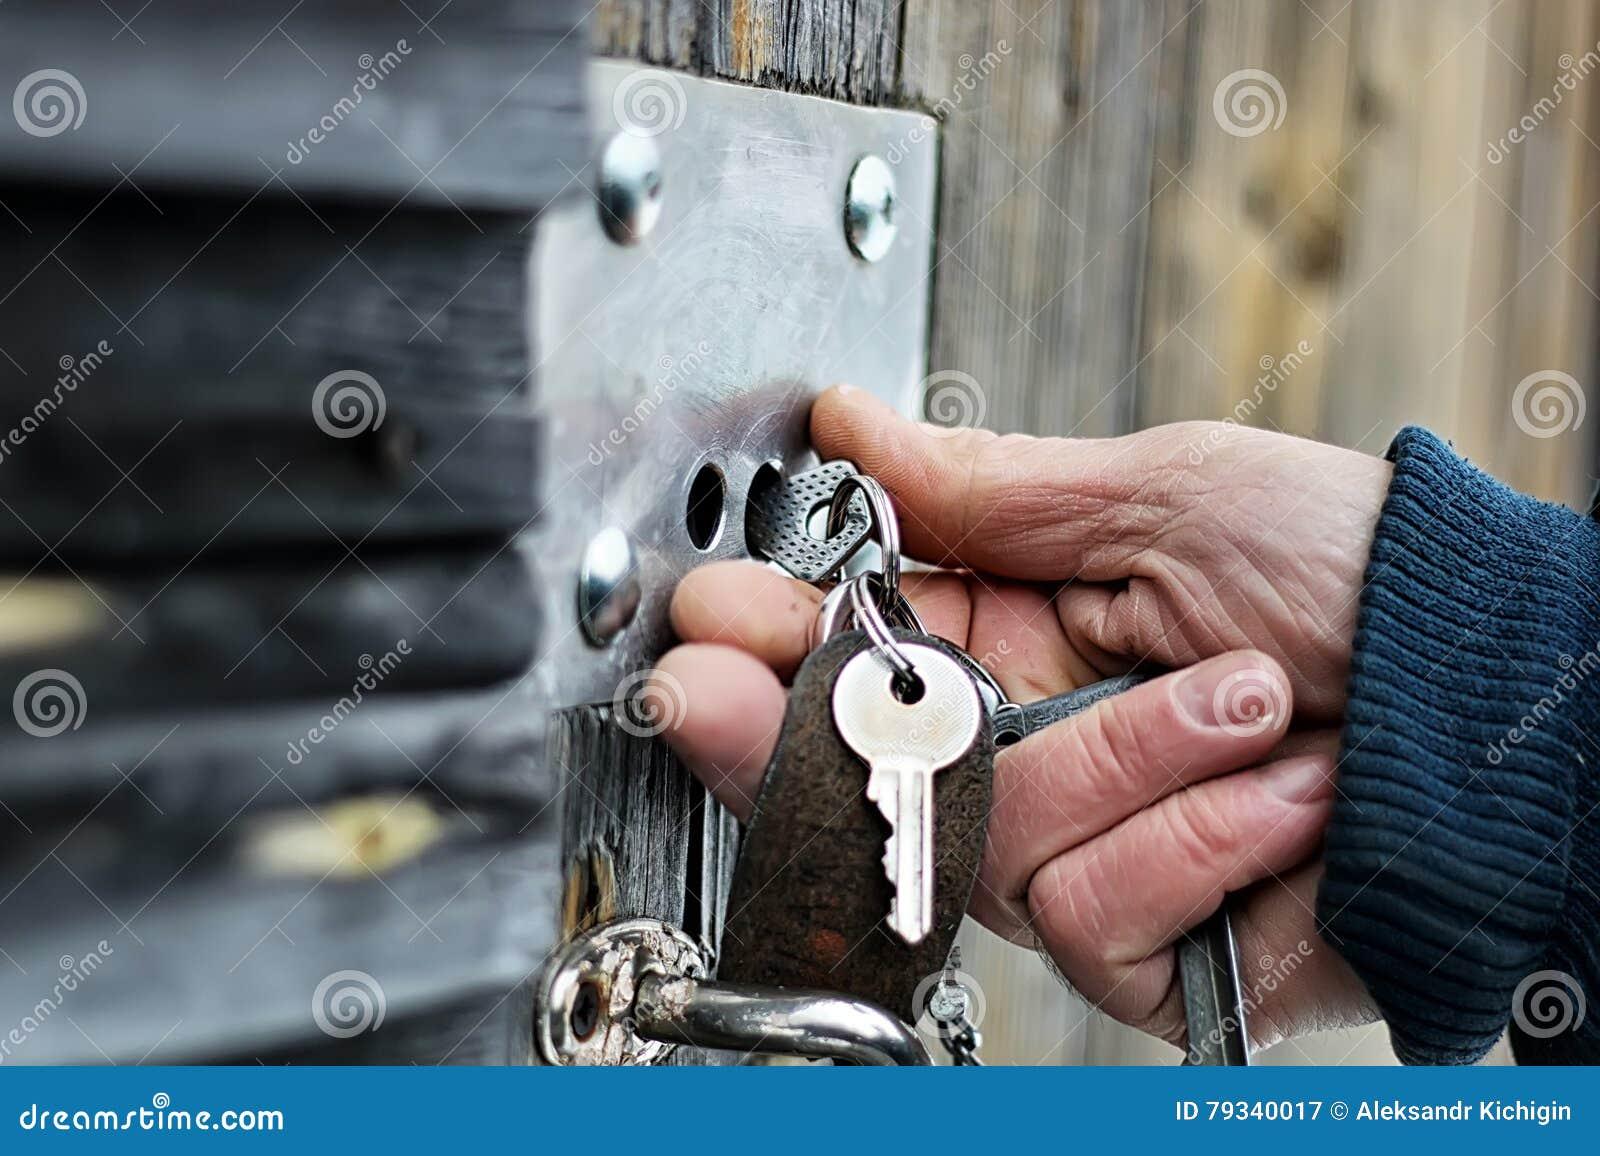 Hands open padlock